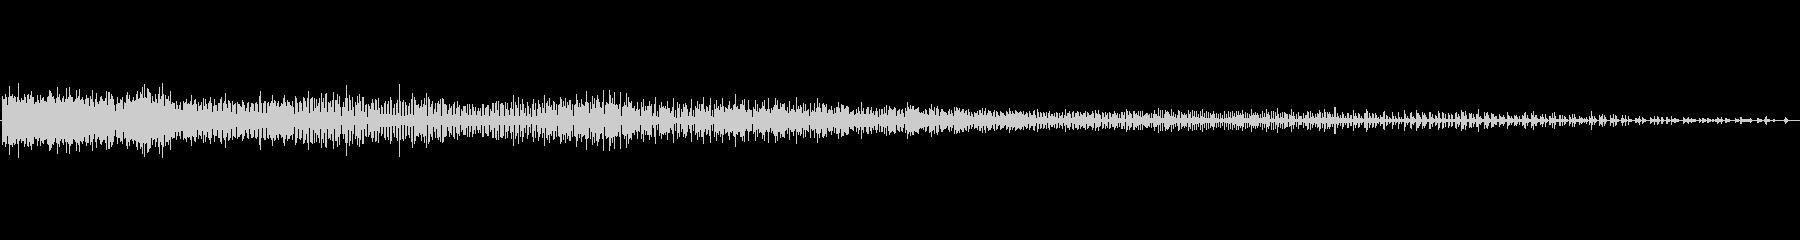 自転車 スピンホイールスポークラトル02の未再生の波形